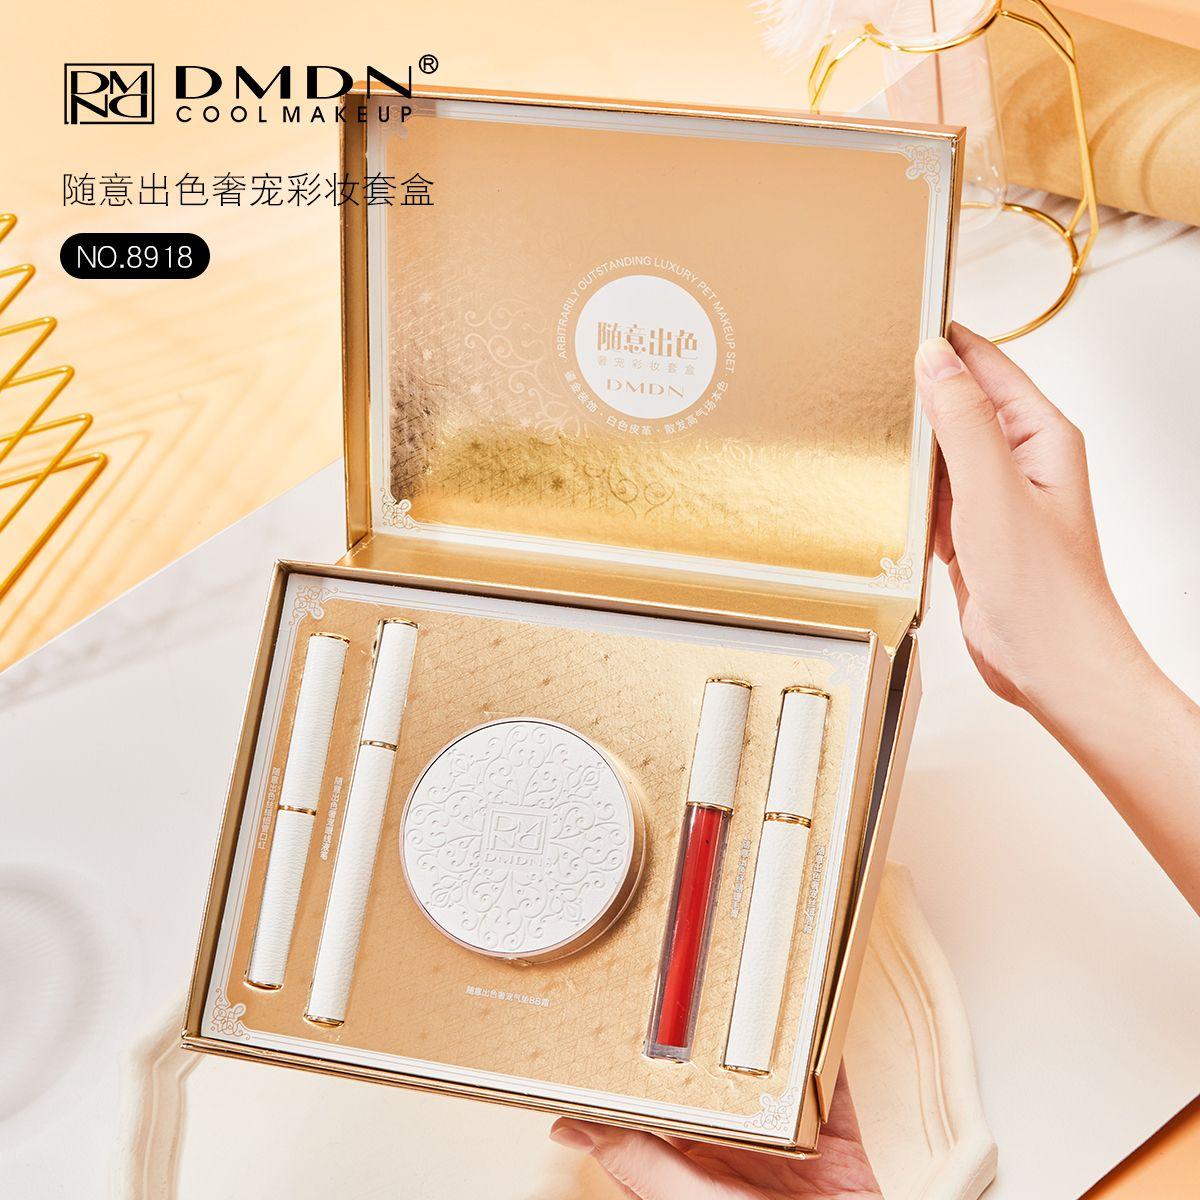 DMDN随意出色彩妆套盒彩妆唇釉口红睫毛膏眼线笔气垫BB礼盒装批发